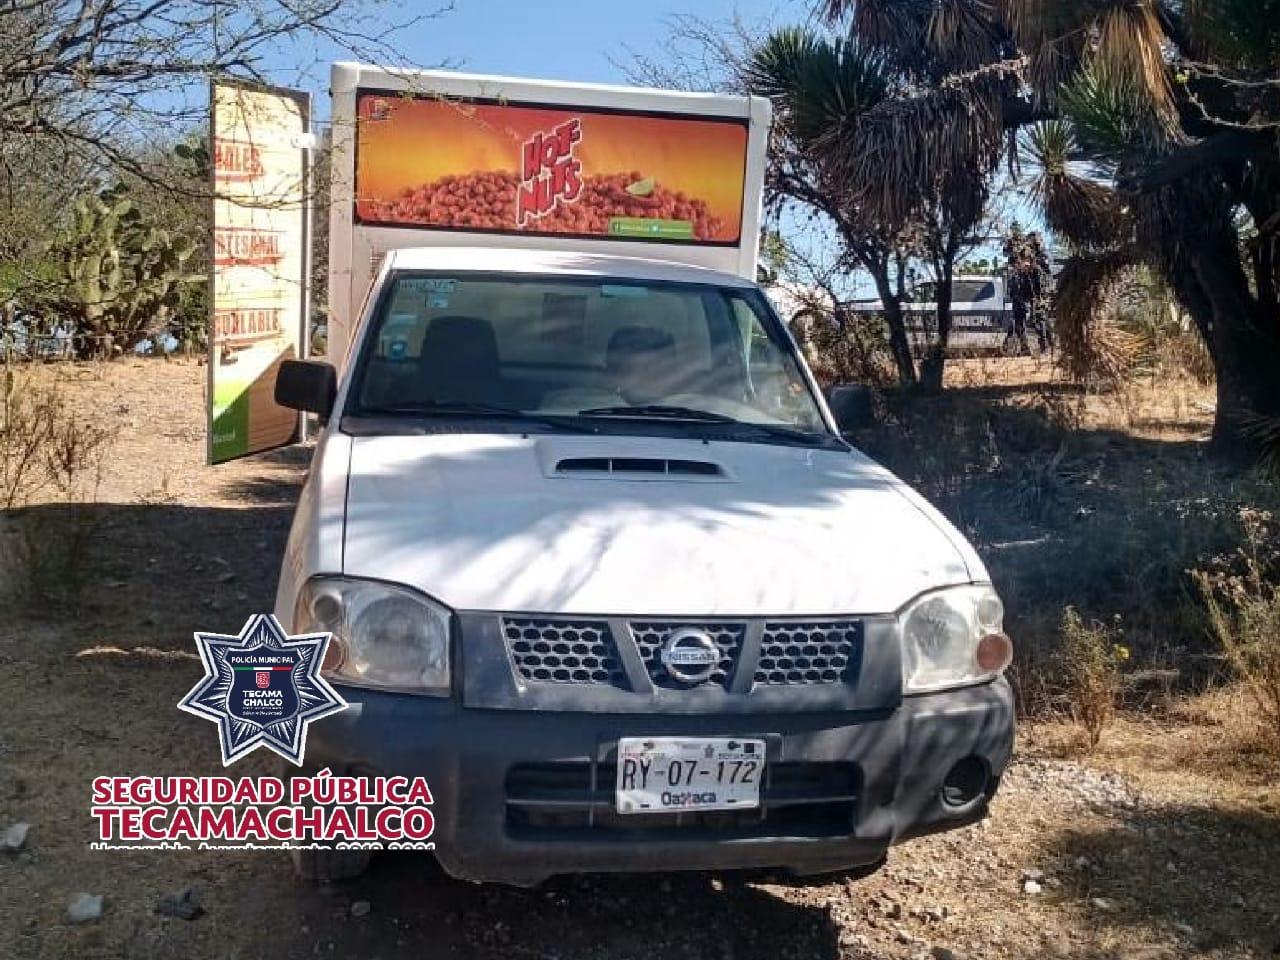 Policías recuperan camioneta de botanas en Tecamachalco